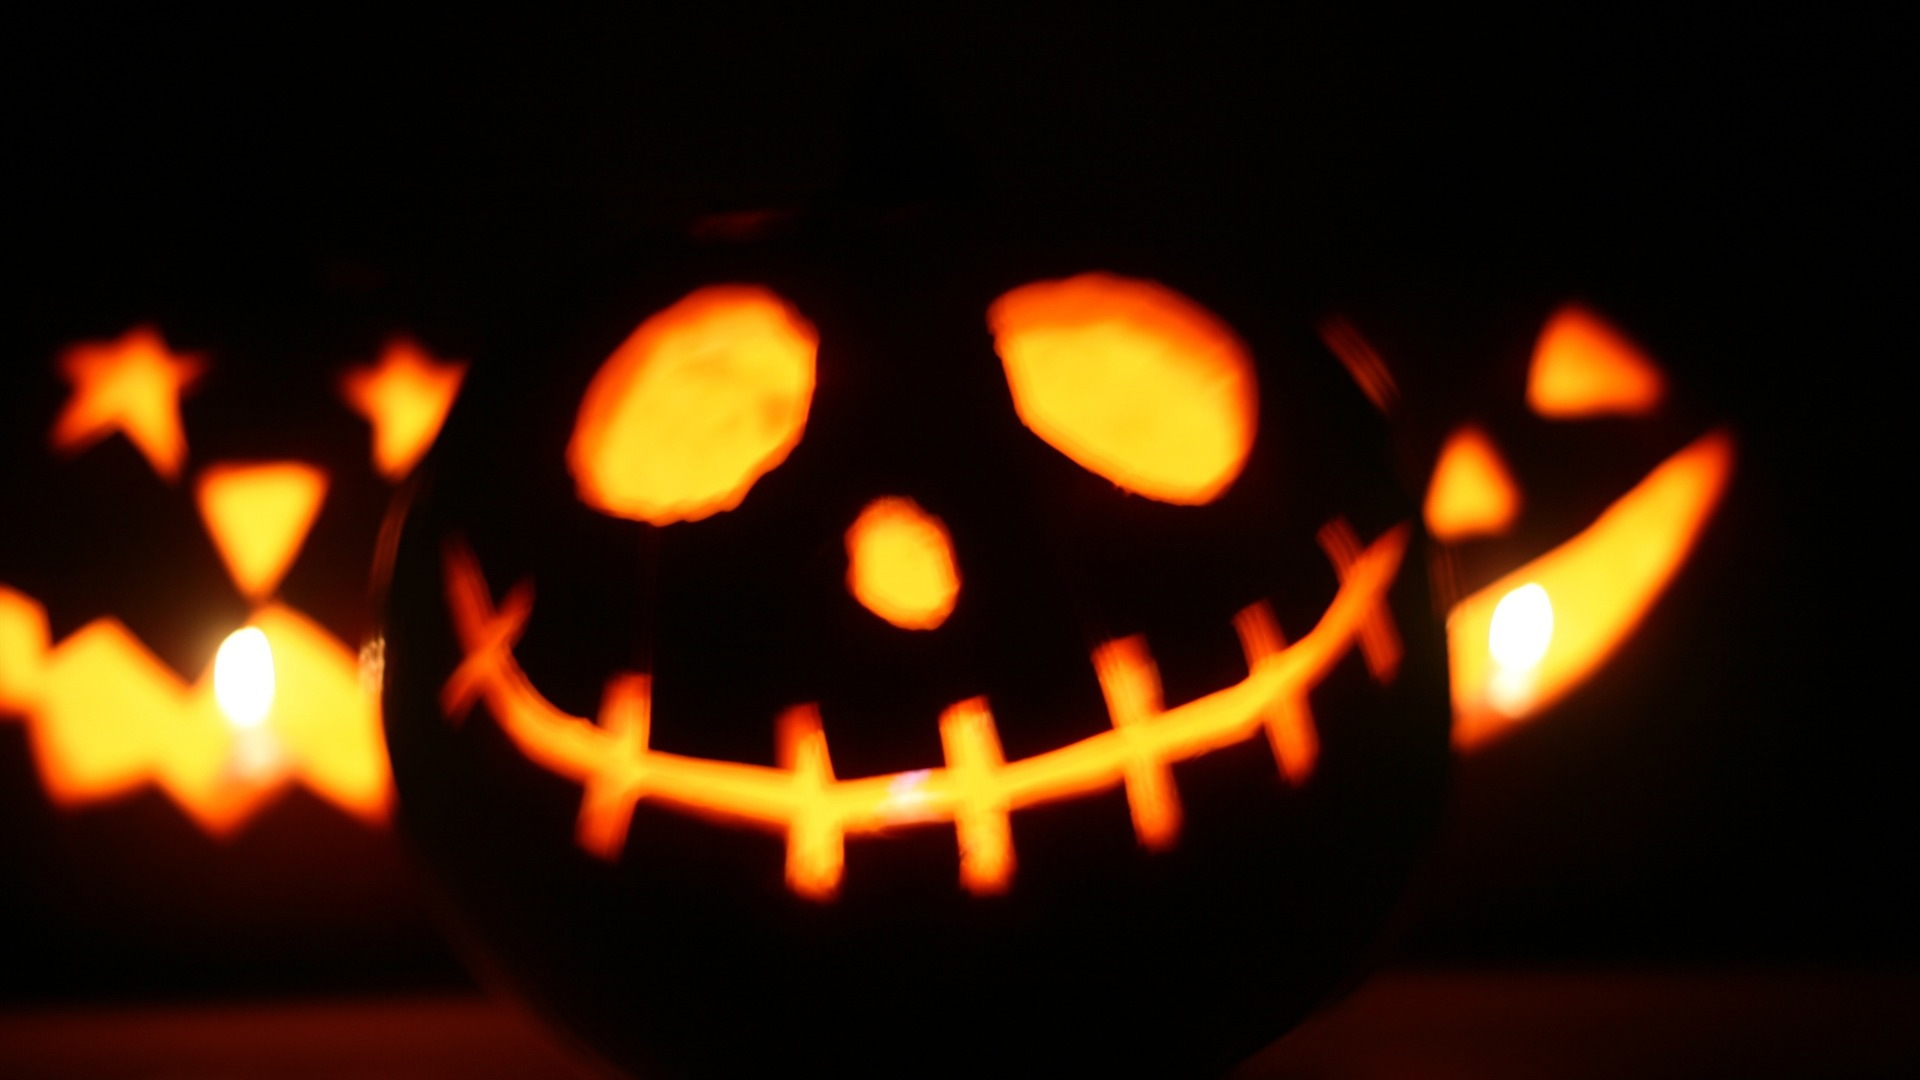 Halloween Pumpkin HD Wallpapers 1920x1080